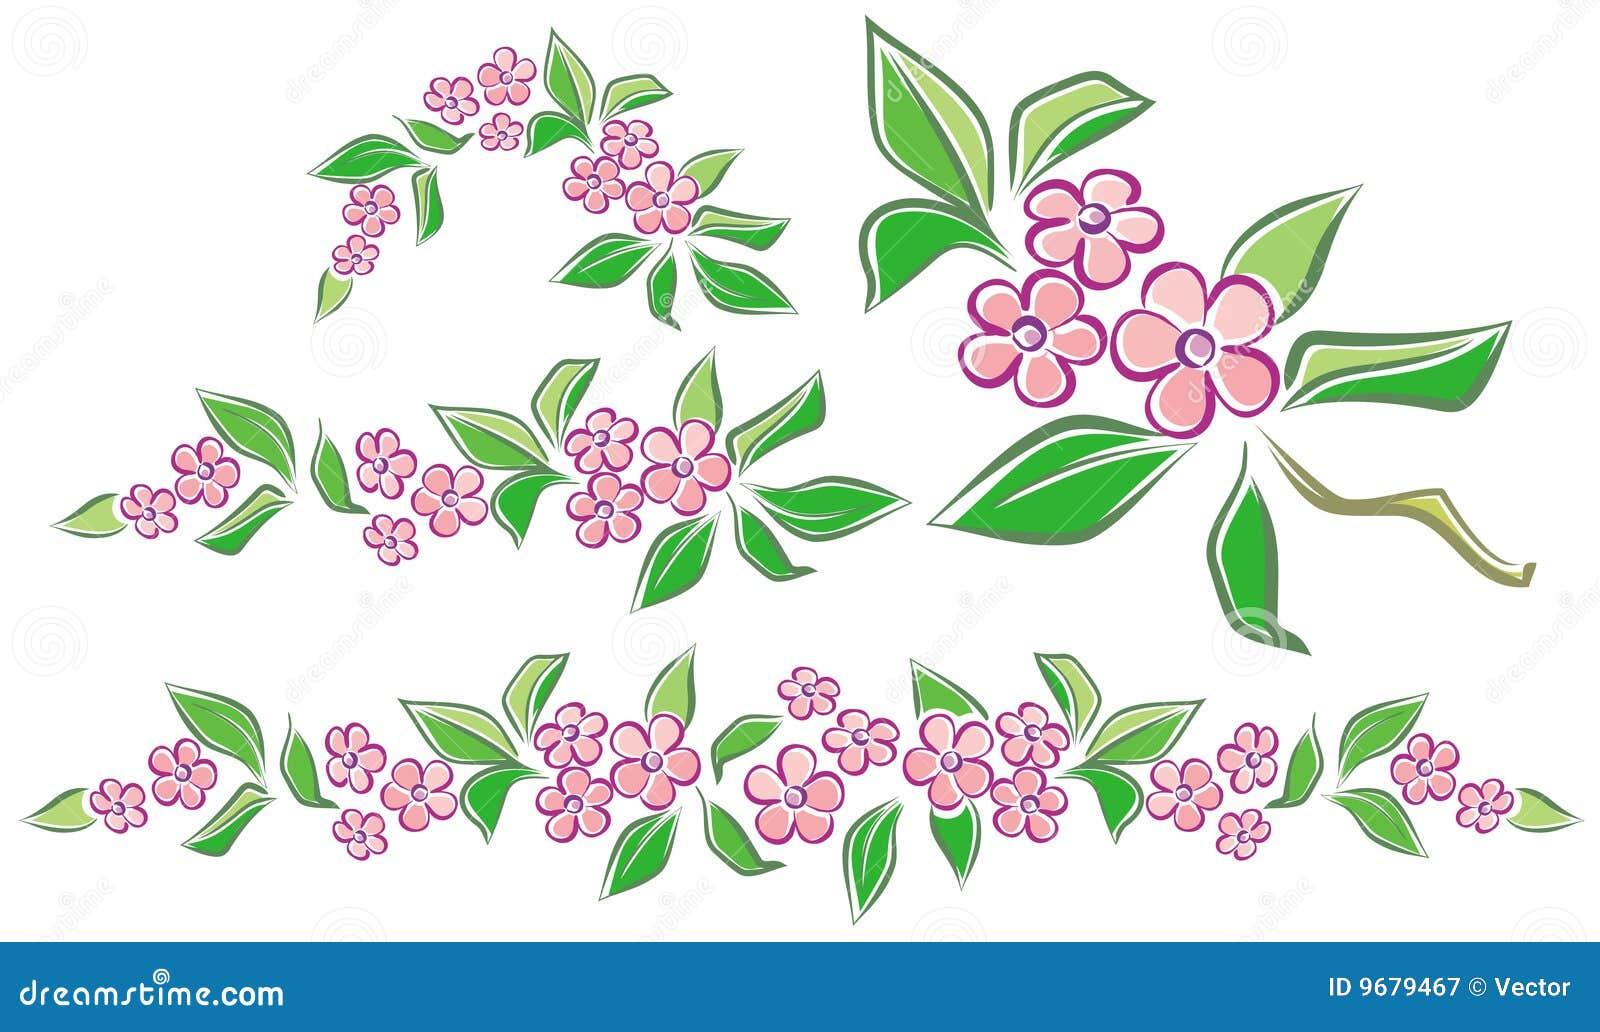 flower girl clip art